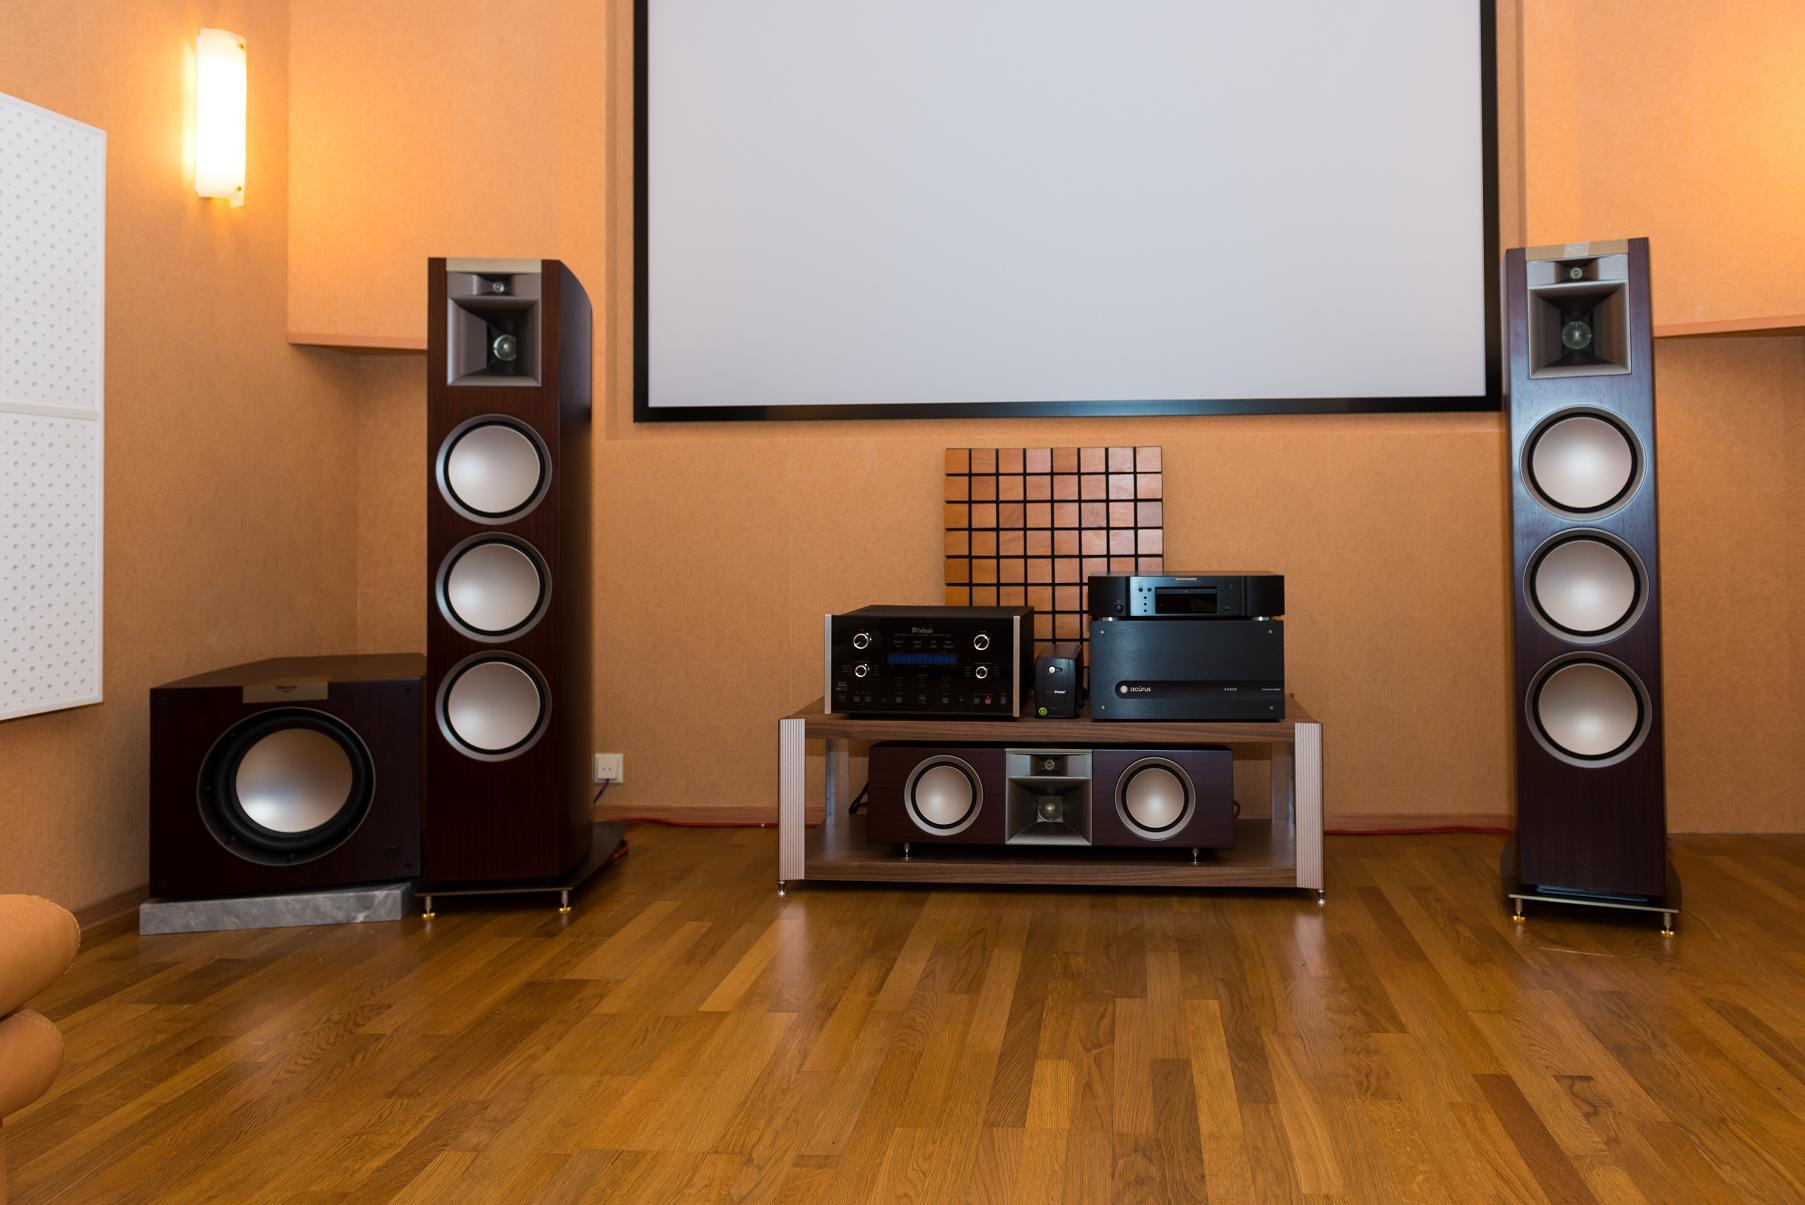 Аудиосистема для домашнего кинотеатра